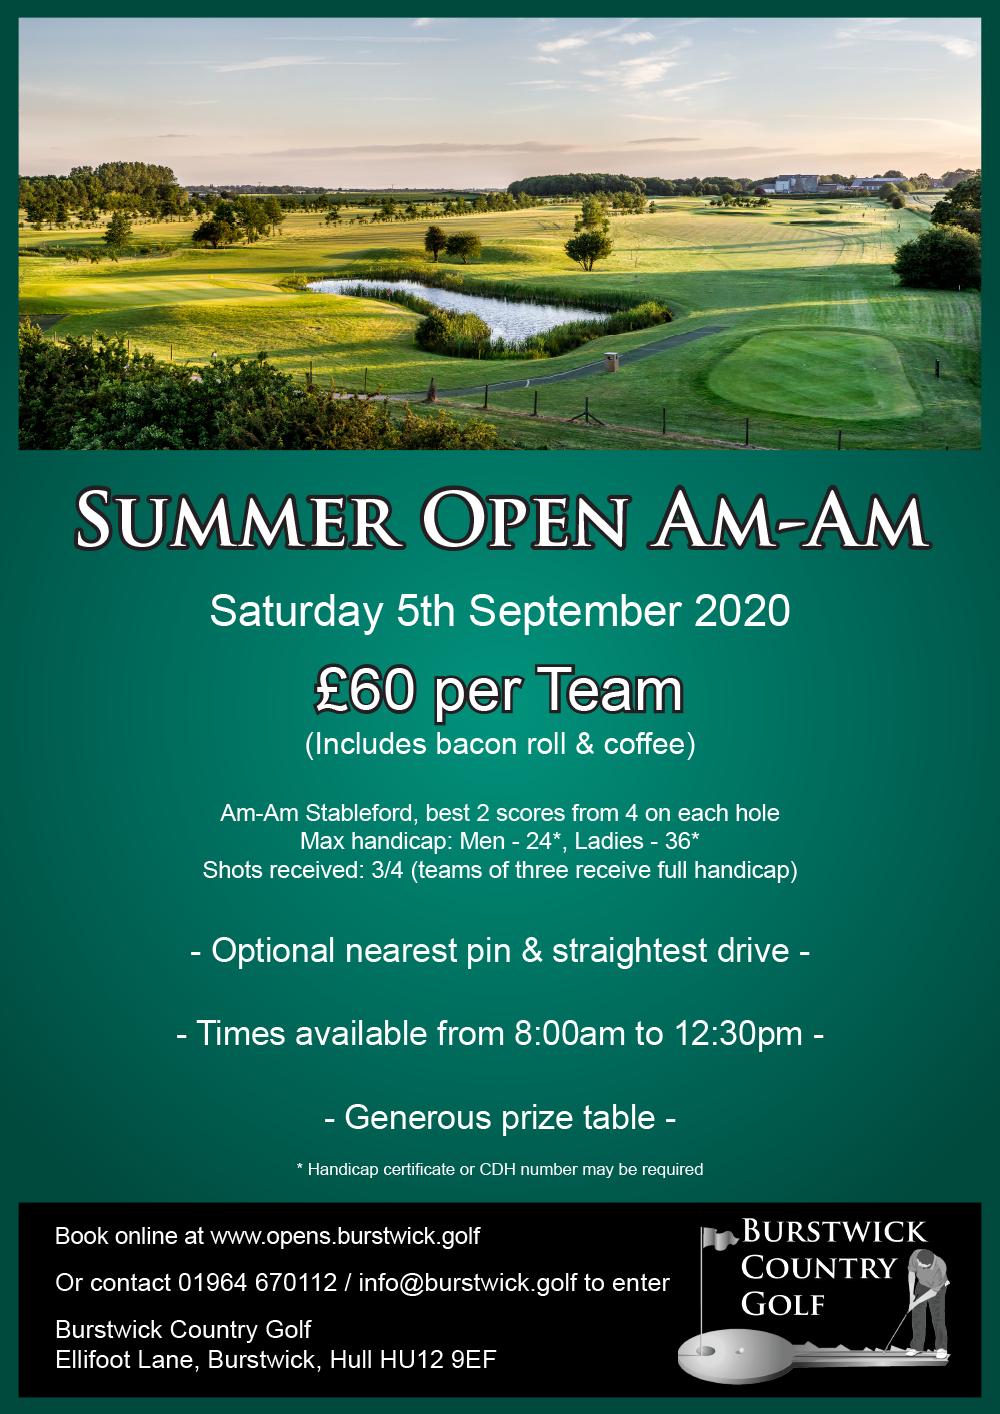 Summer Open Am-Am